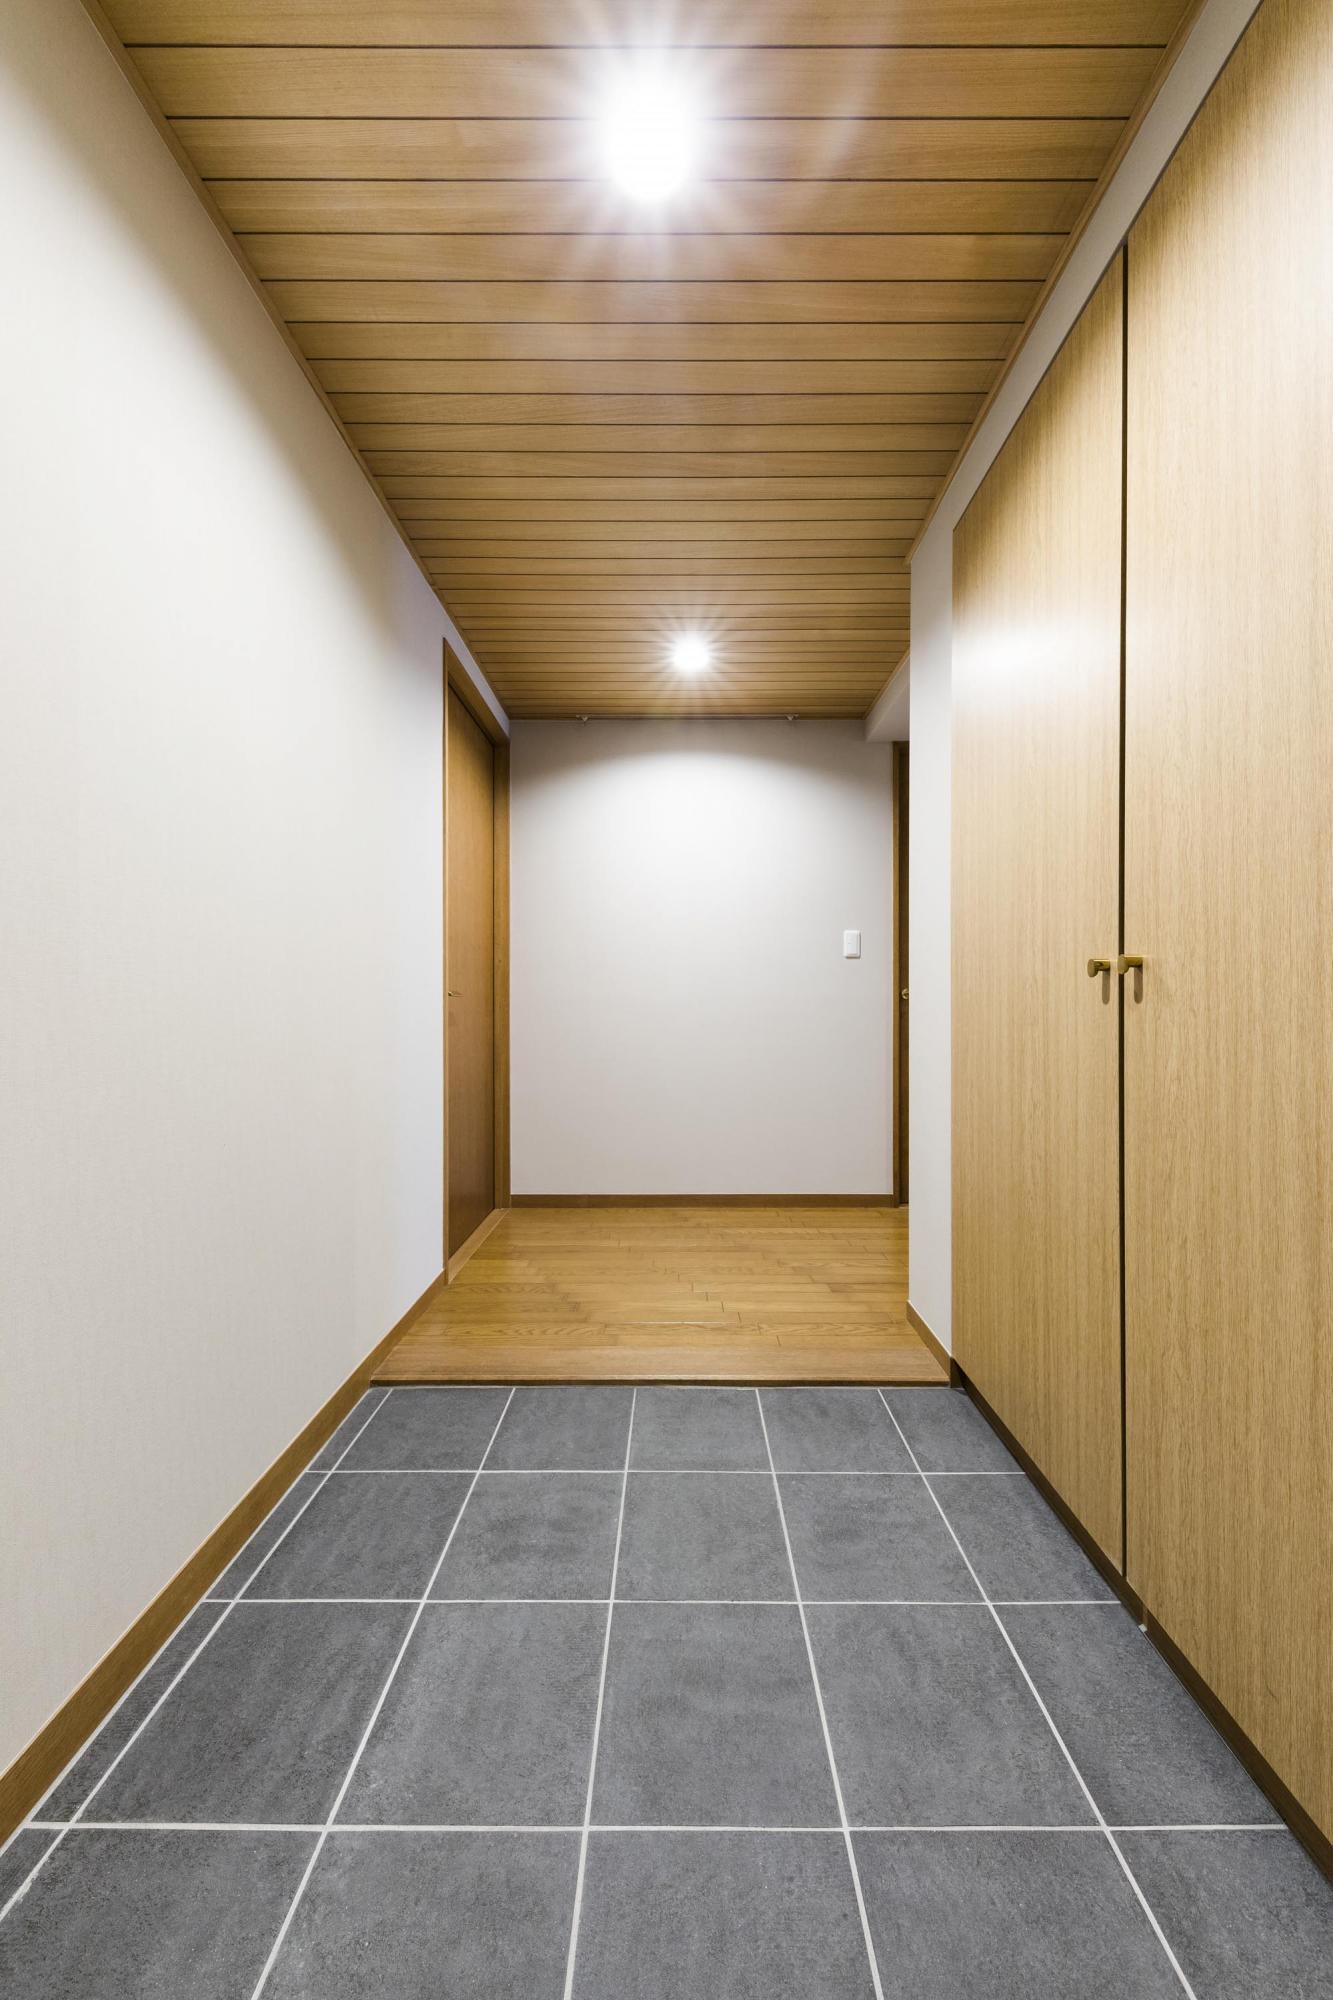 玄関ホールは、ダウンライトを設けた木貼りの天井がやさしく迎えてくれる空間だ